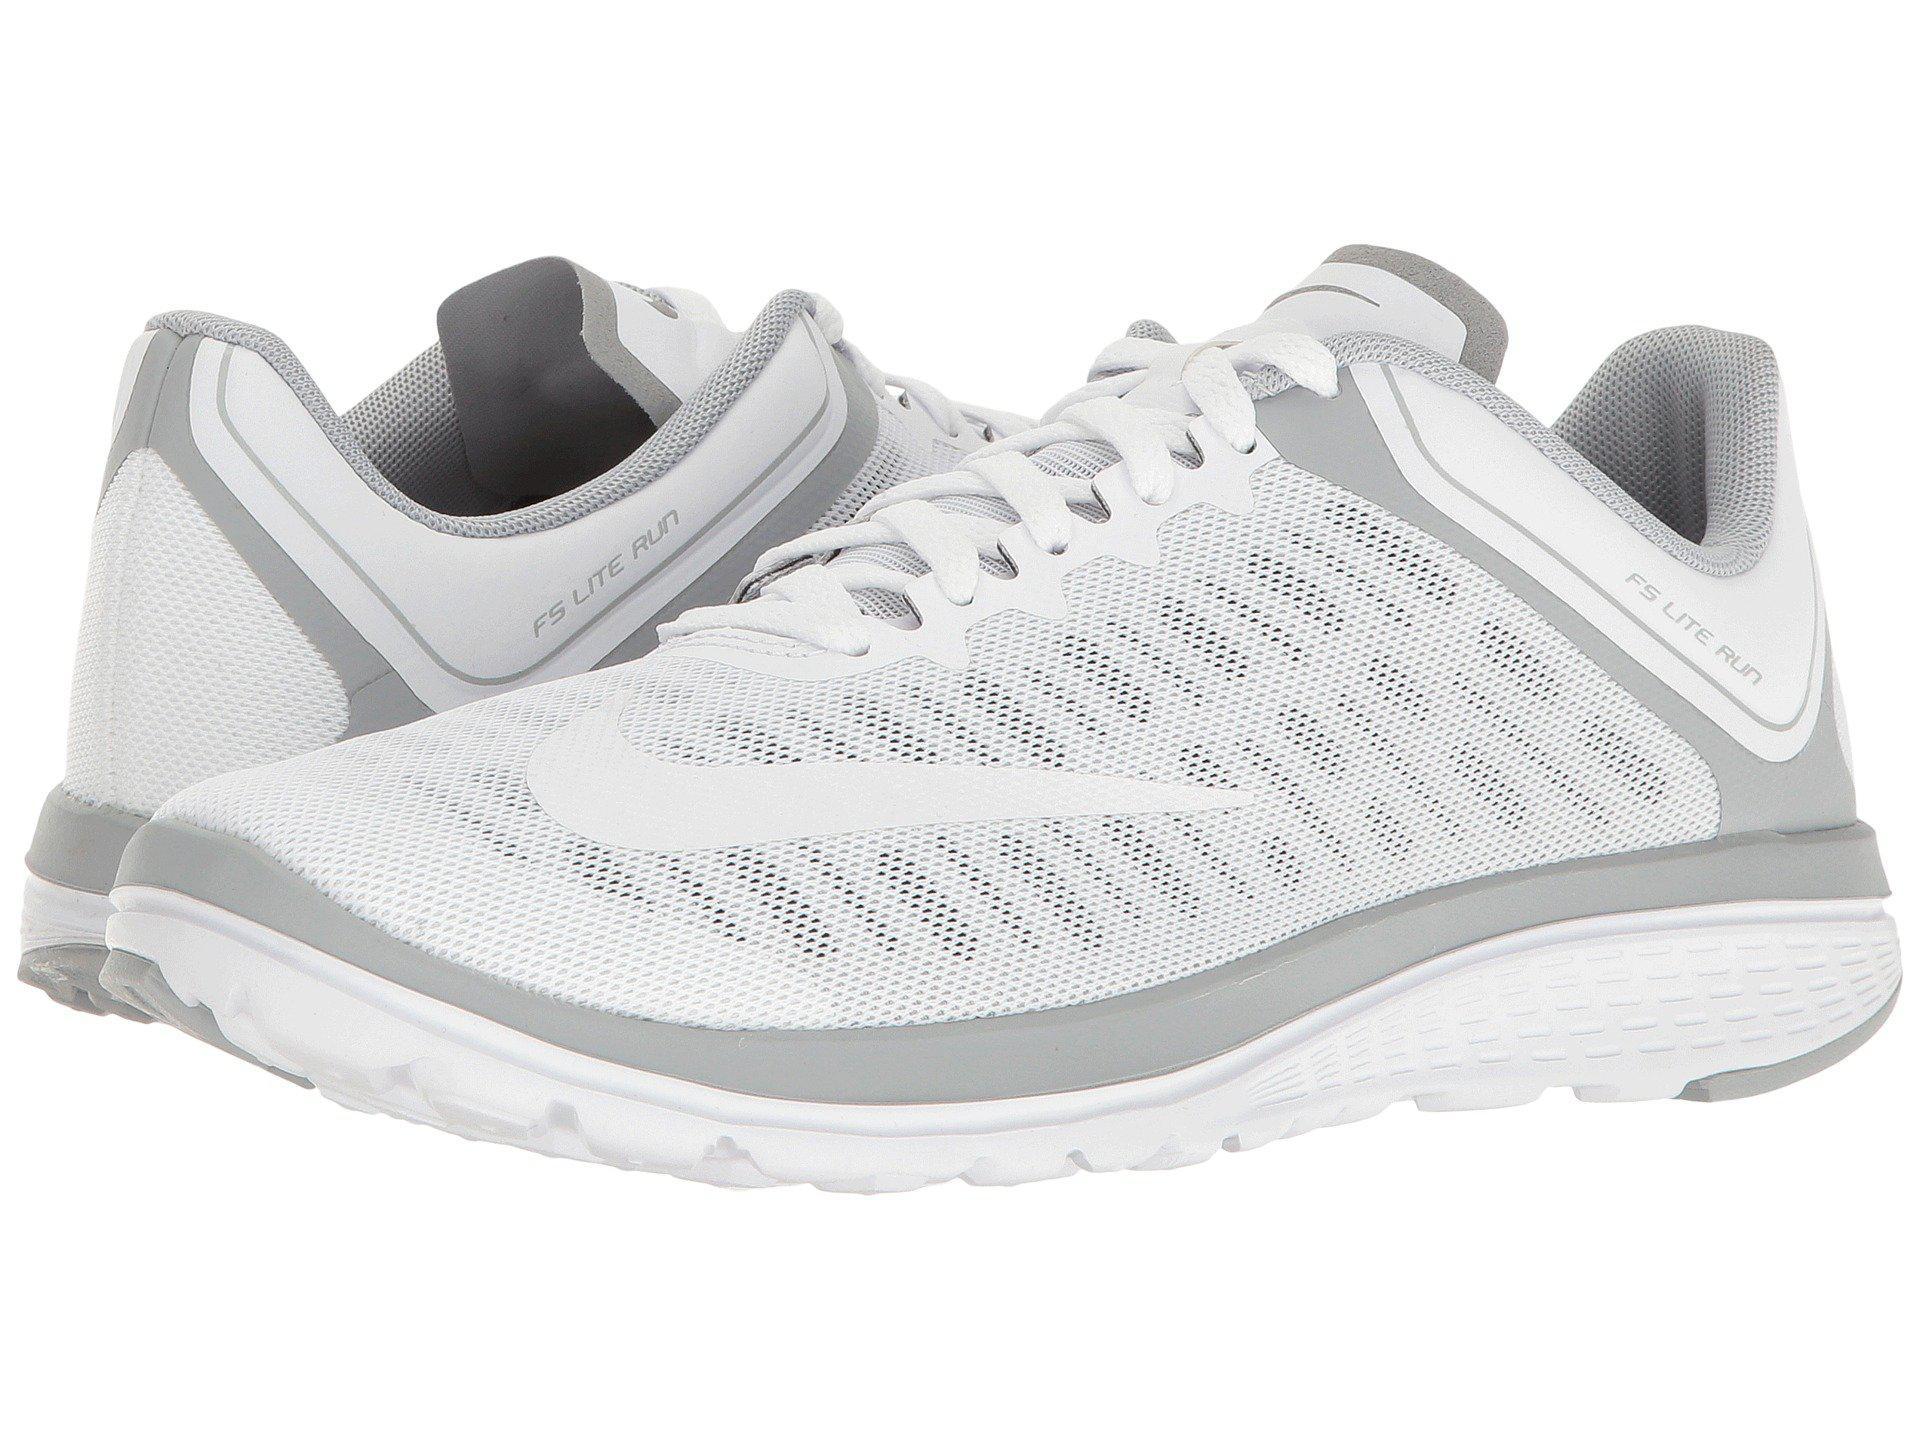 c9873812e8c4 Lyst - Nike Fs Lite Run 4 in White